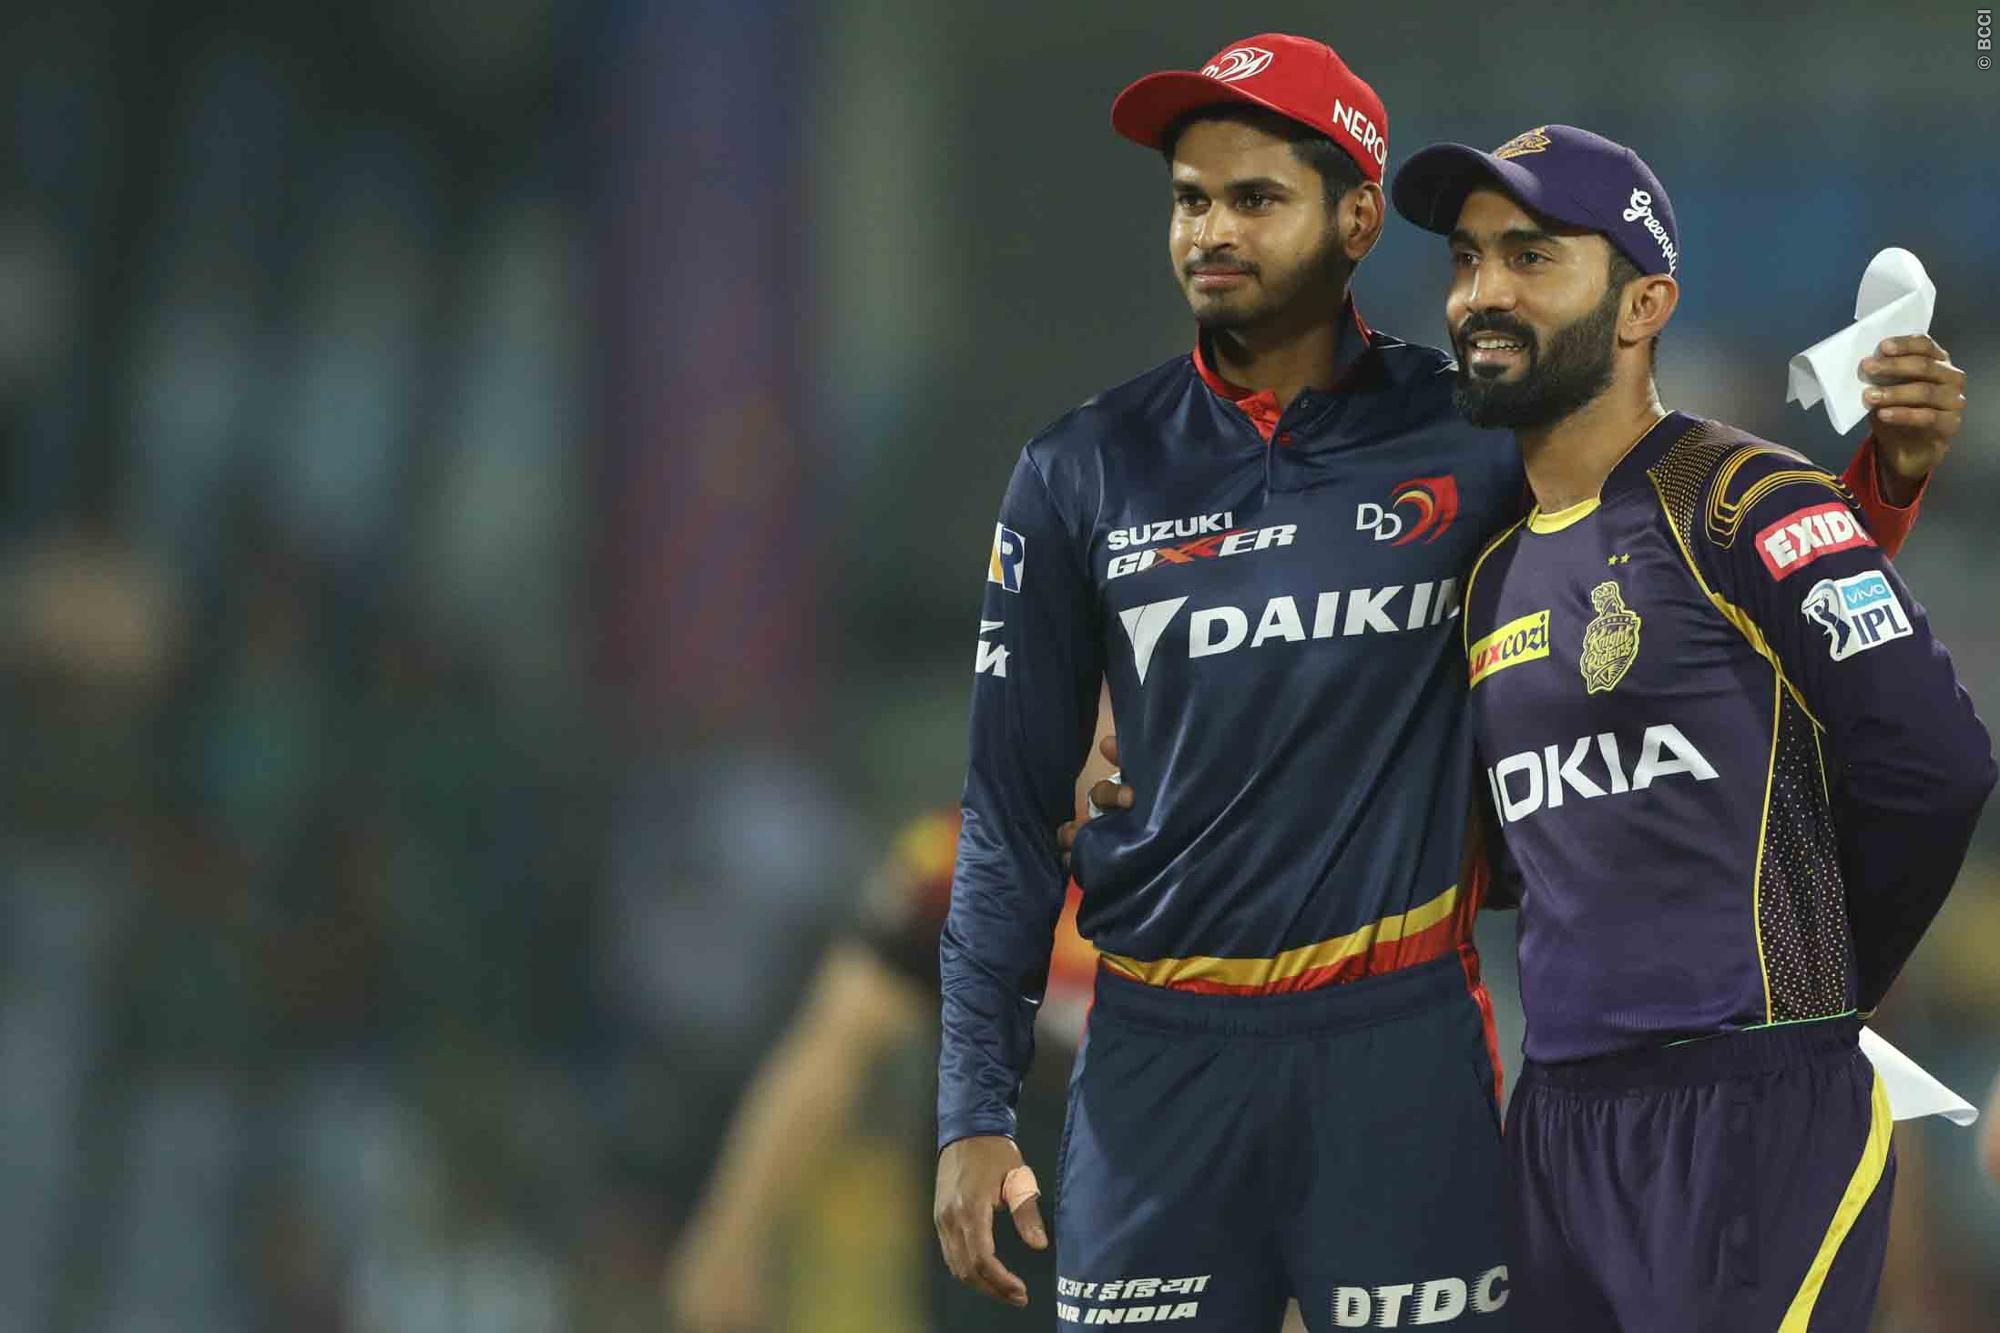 आईपीएल 2020- ऑल स्टार्स मैच में नॉर्थ-ईस्ट स्टार्स की टीम के लिए ये पांच खिलाड़ी हैं कप्तानी के दावेदार 23